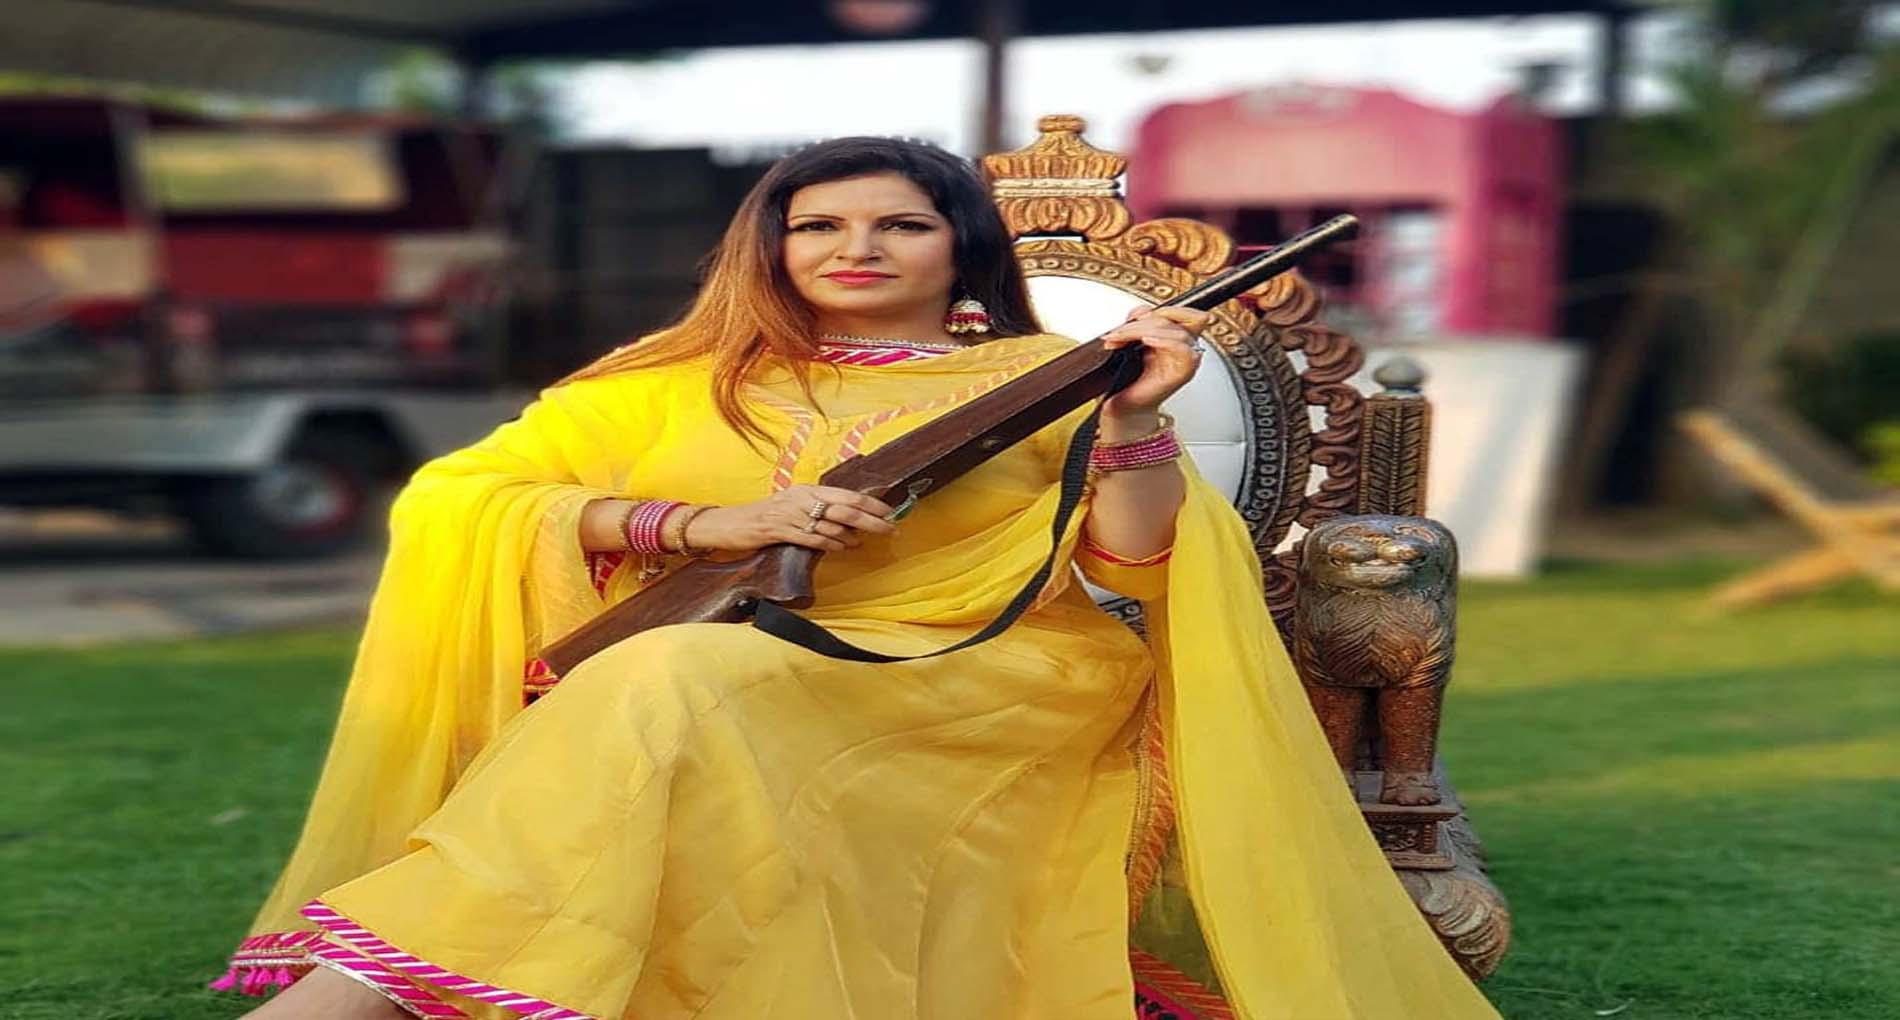 BJP नेता और एक्ट्रेस सोनाली फोगट की बिग बॉस 14 में एंट्री! विवादों से रहा है नाता